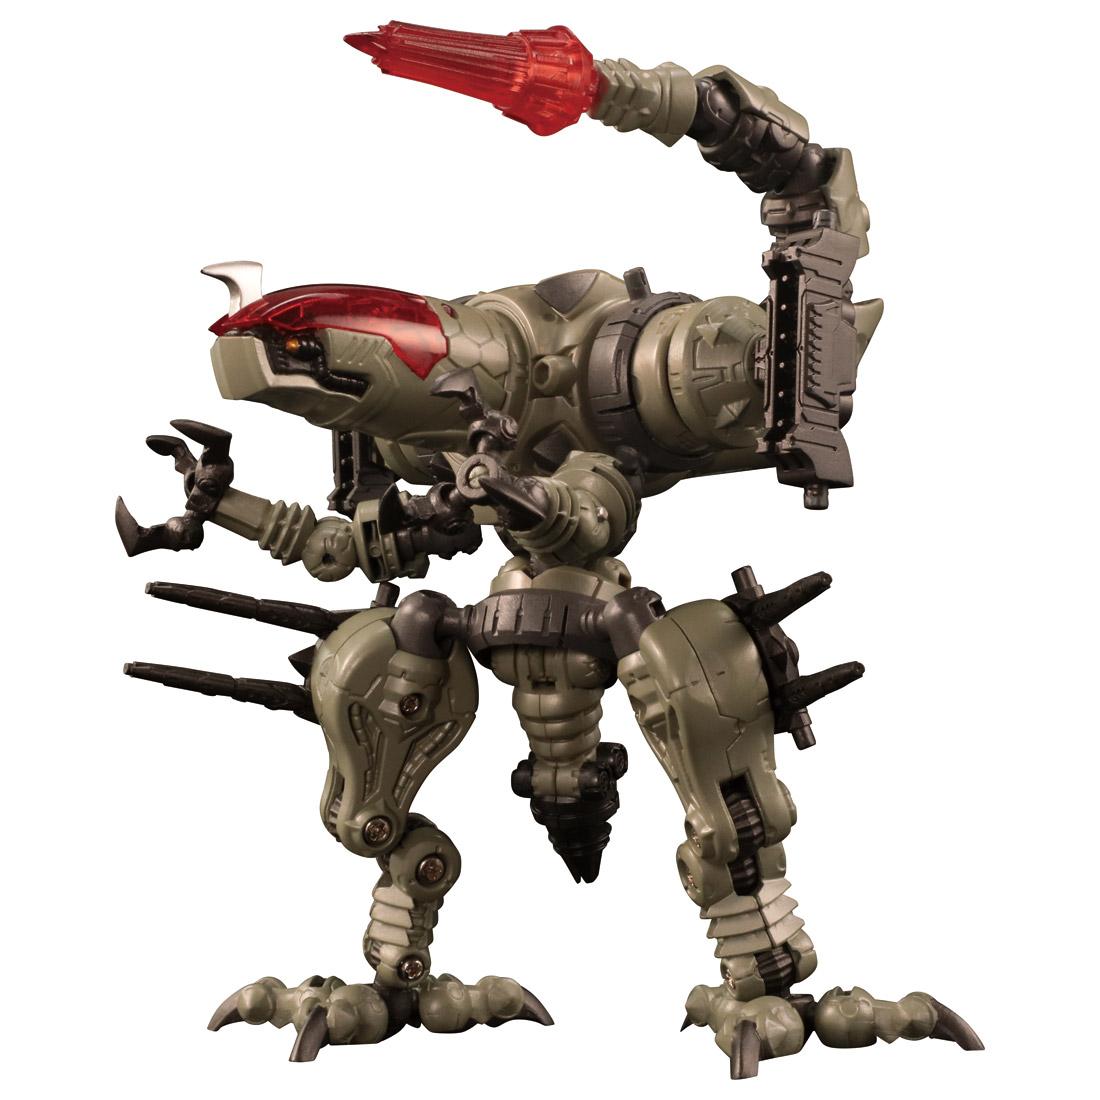 ダイアクロン『DA-31 ワルダレイダー ラプトヘッド』可動フィギュア-009